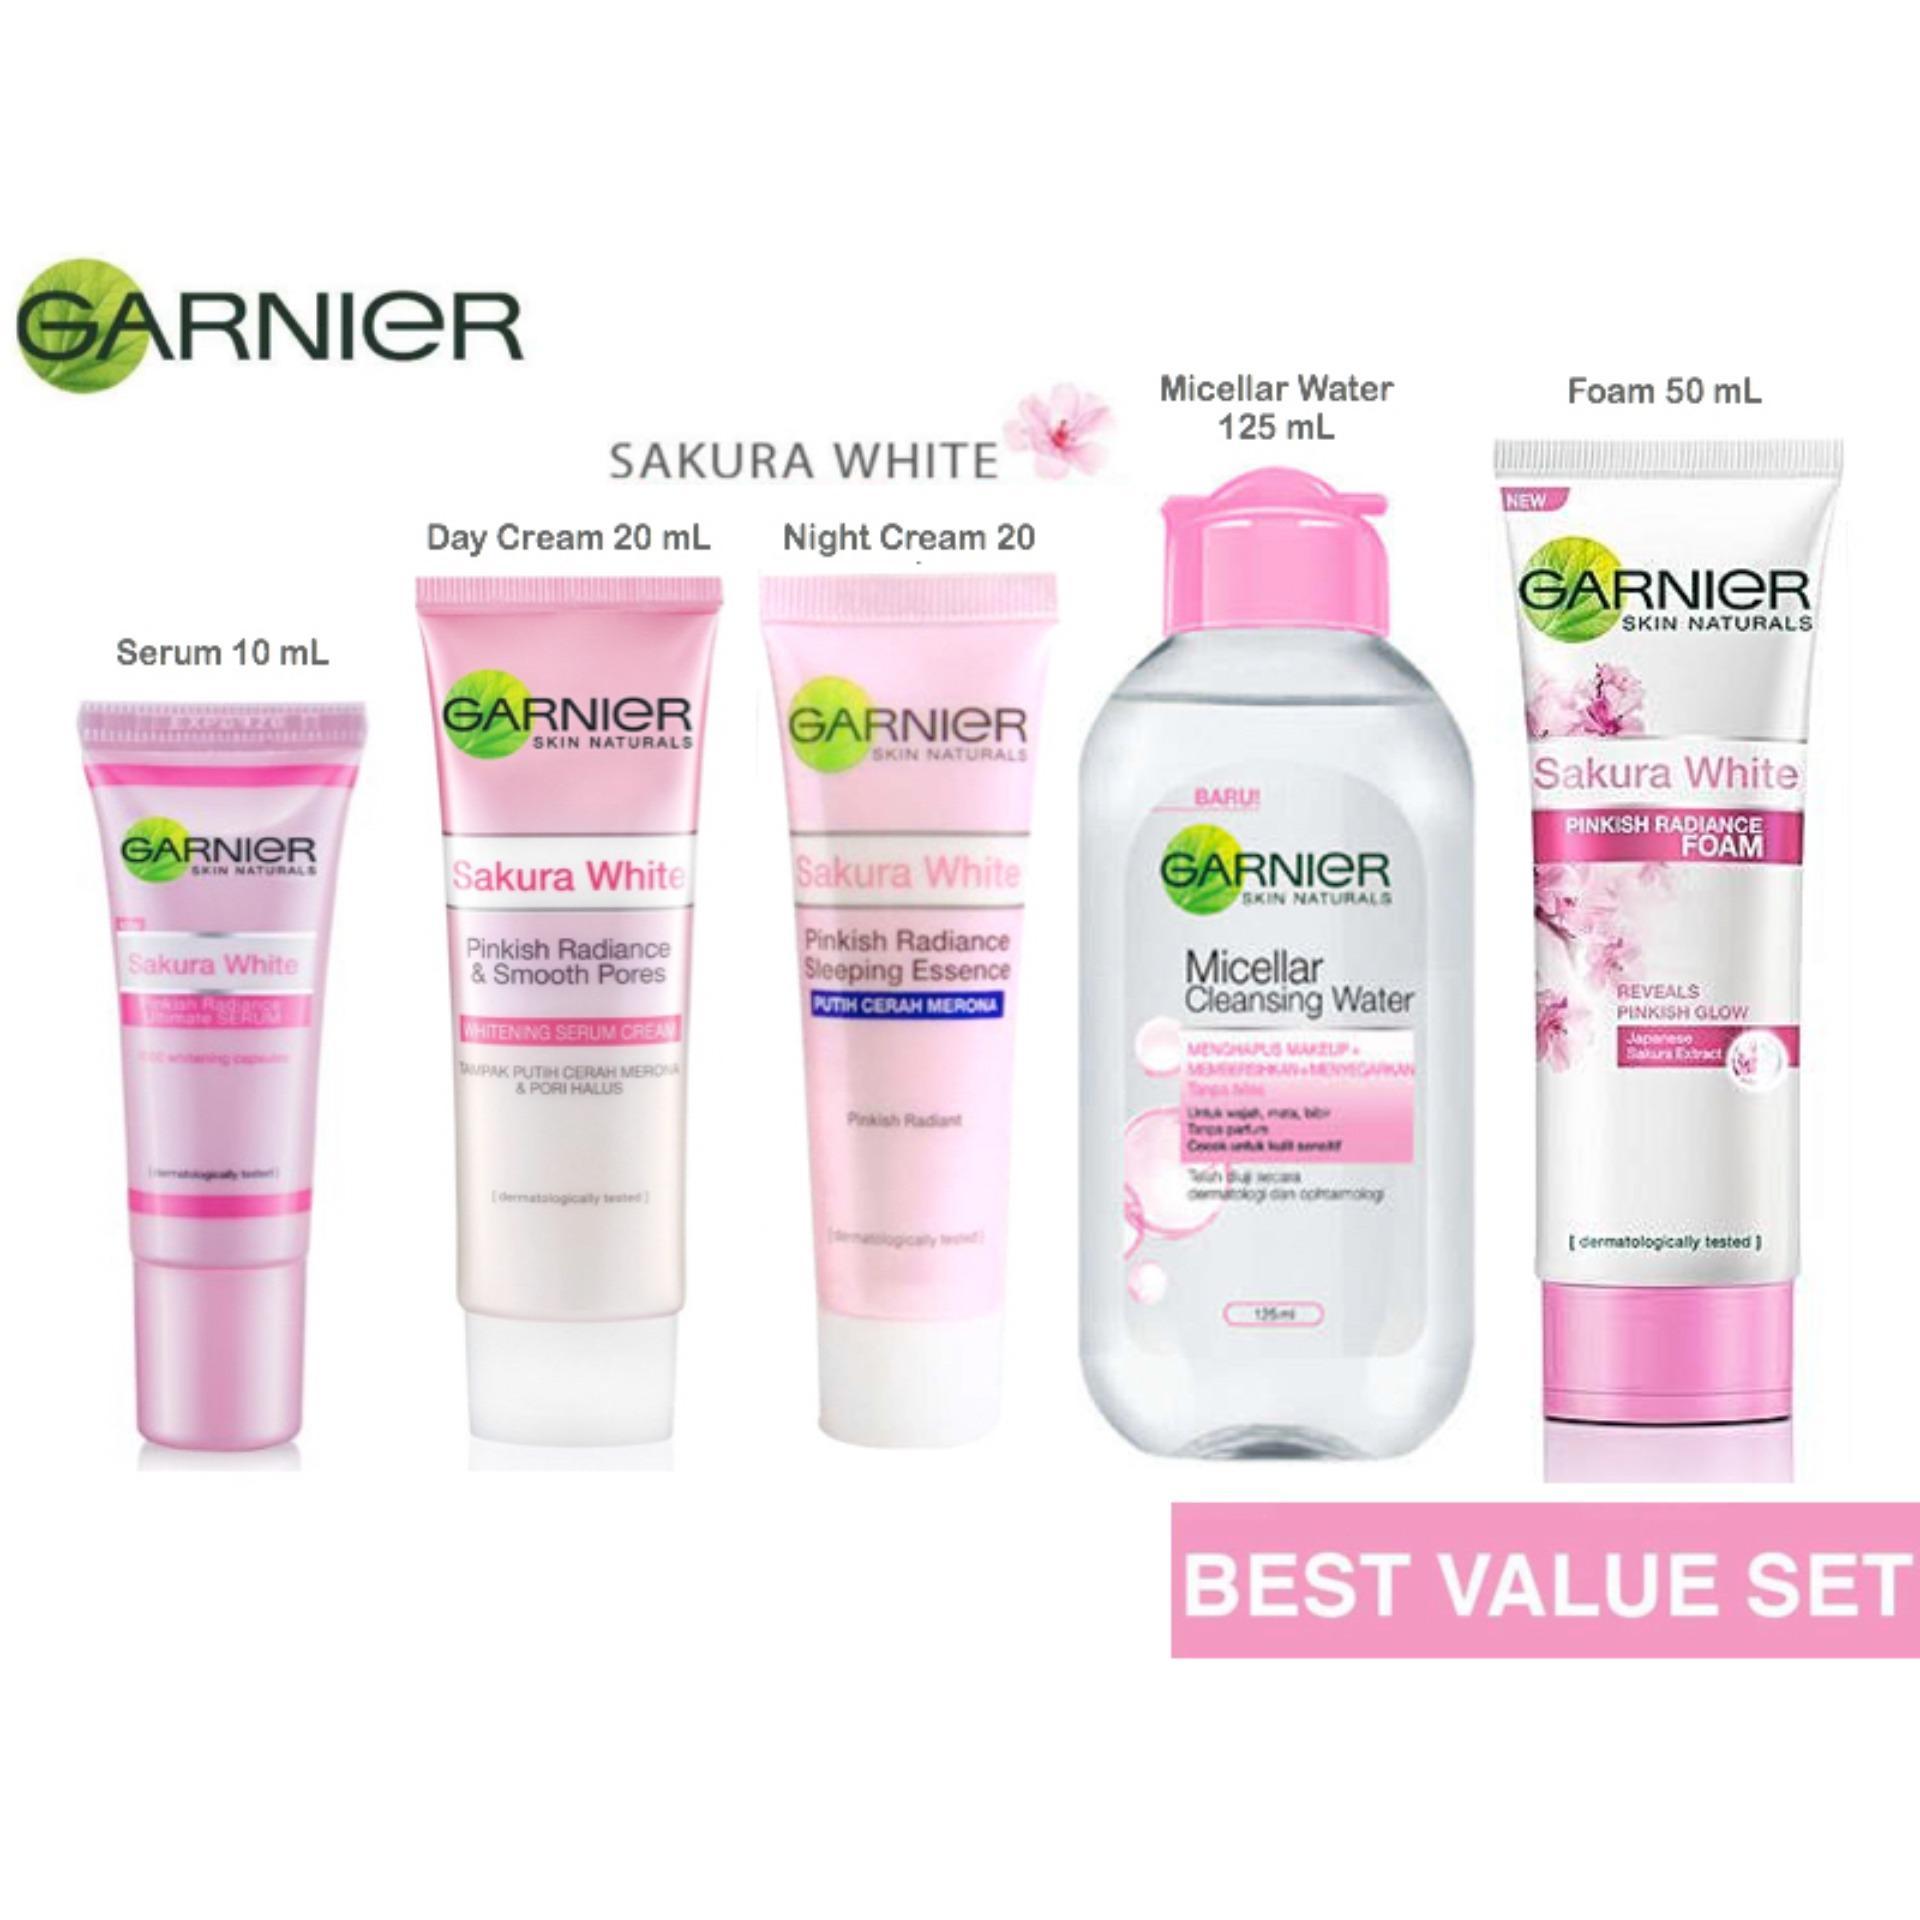 Produk Kecantikan Garnier Terbaru Light Complete Day Cream 20 Gr Paket Sakura White Komplit Ml Serum 10 Foam